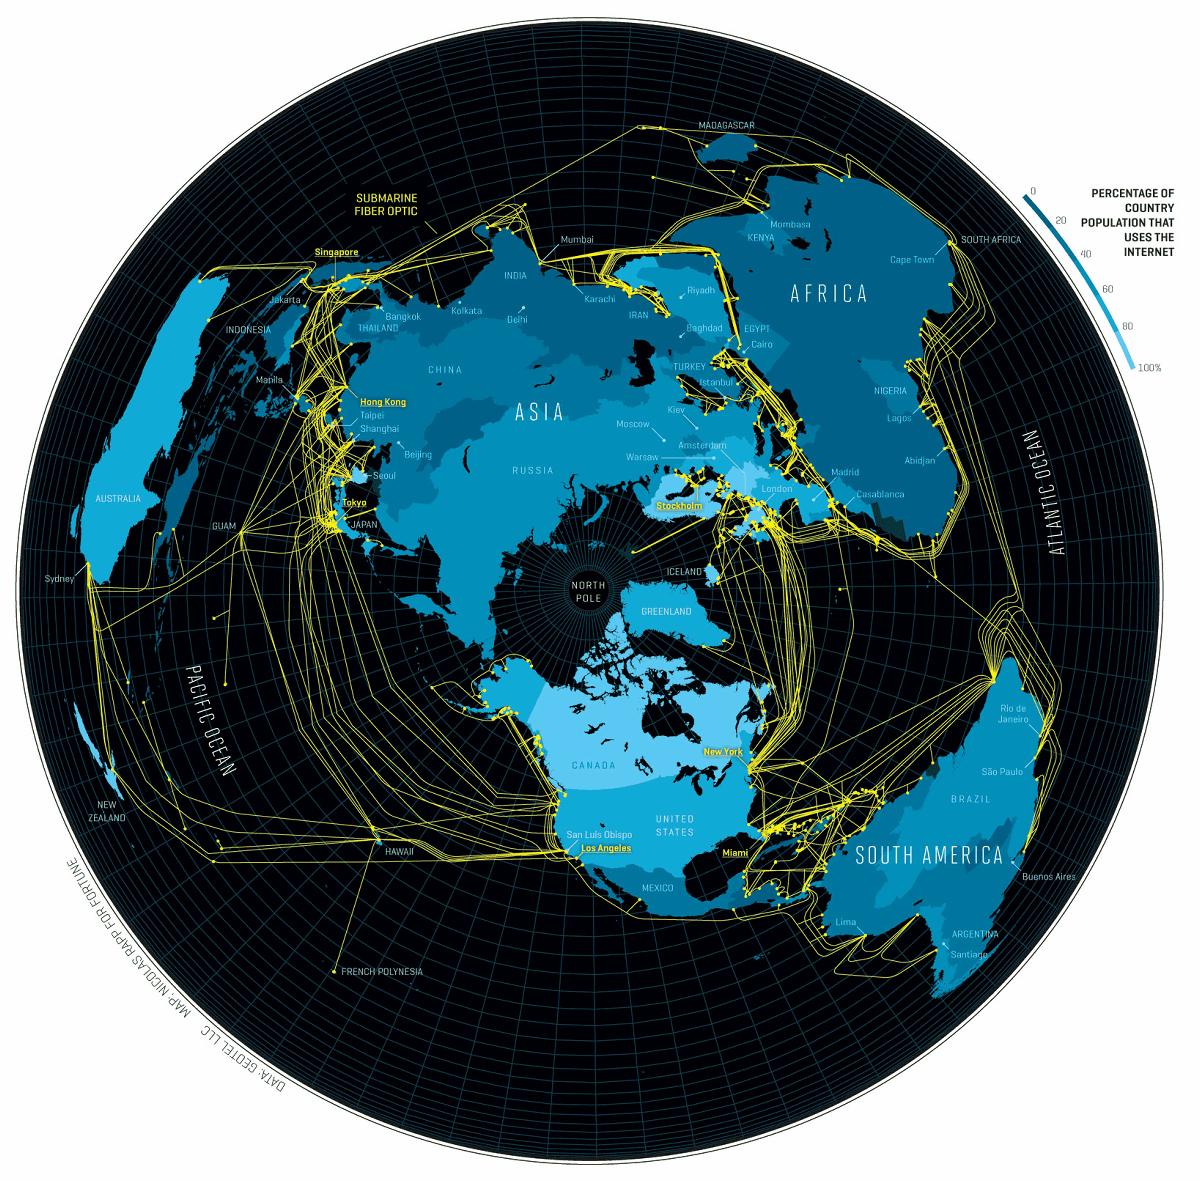 これが本当のインターネット、世界中に張り巡らされた海底ケーブルを地図上に表すとこうなる Gigazine